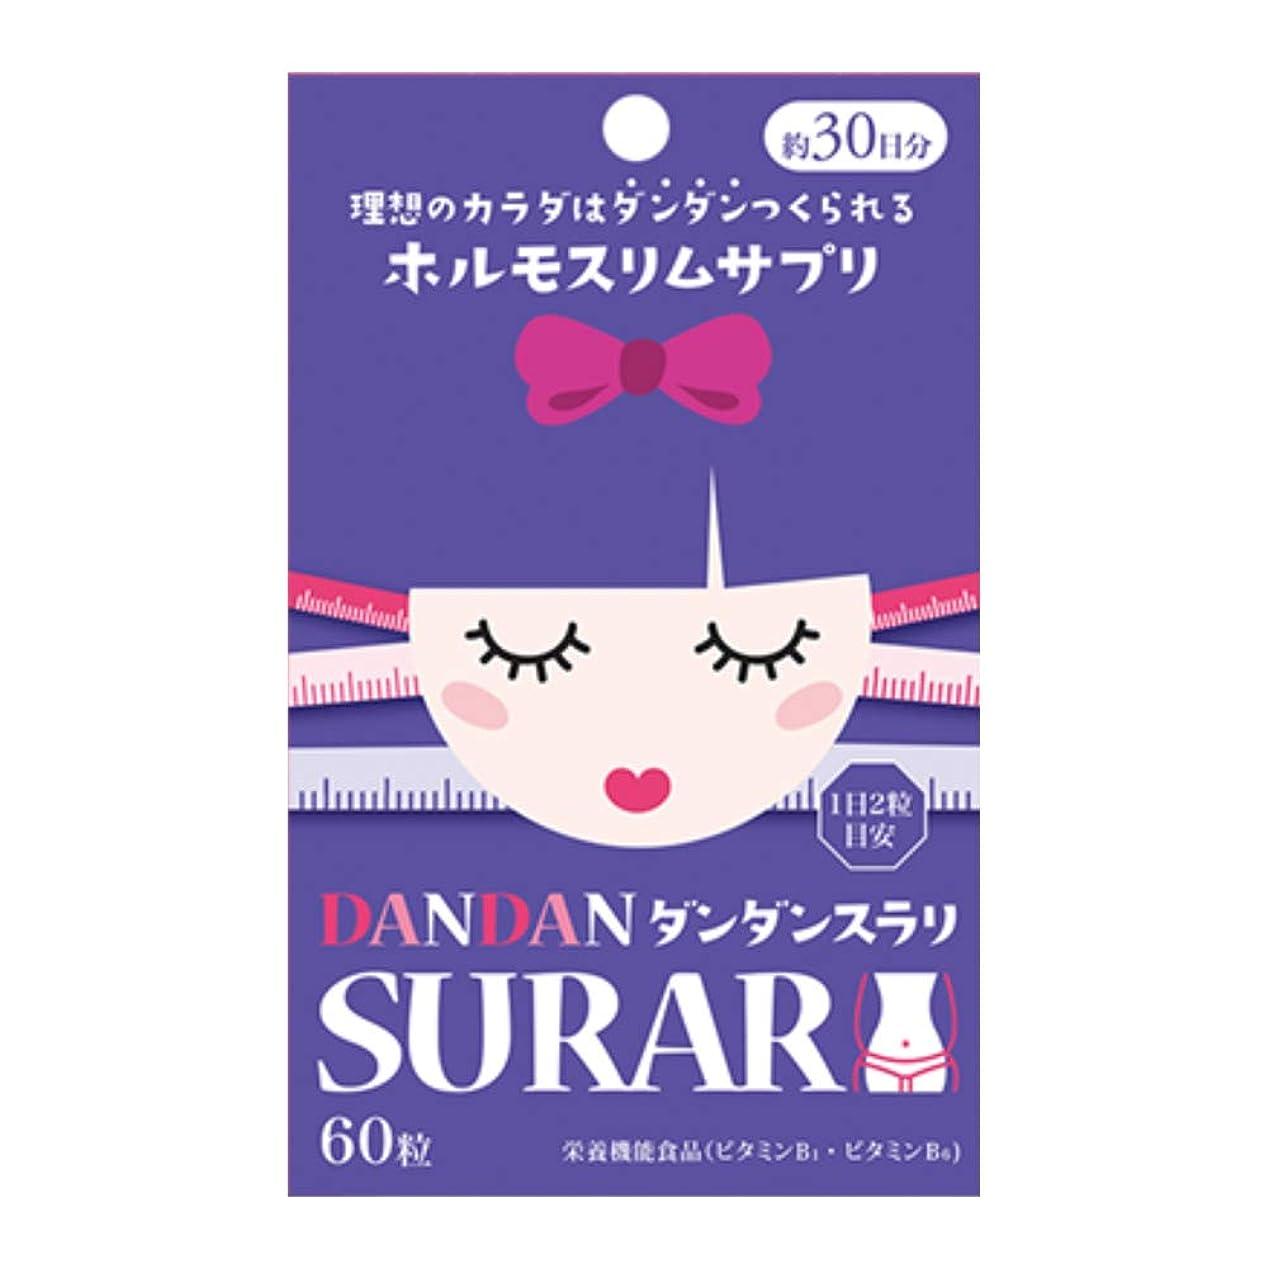 縁玉ねぎゴミ箱DANDAN SURARI ダンダンスラリ 60粒 (約1ヶ月分) 理想の体づくりをサポート!!